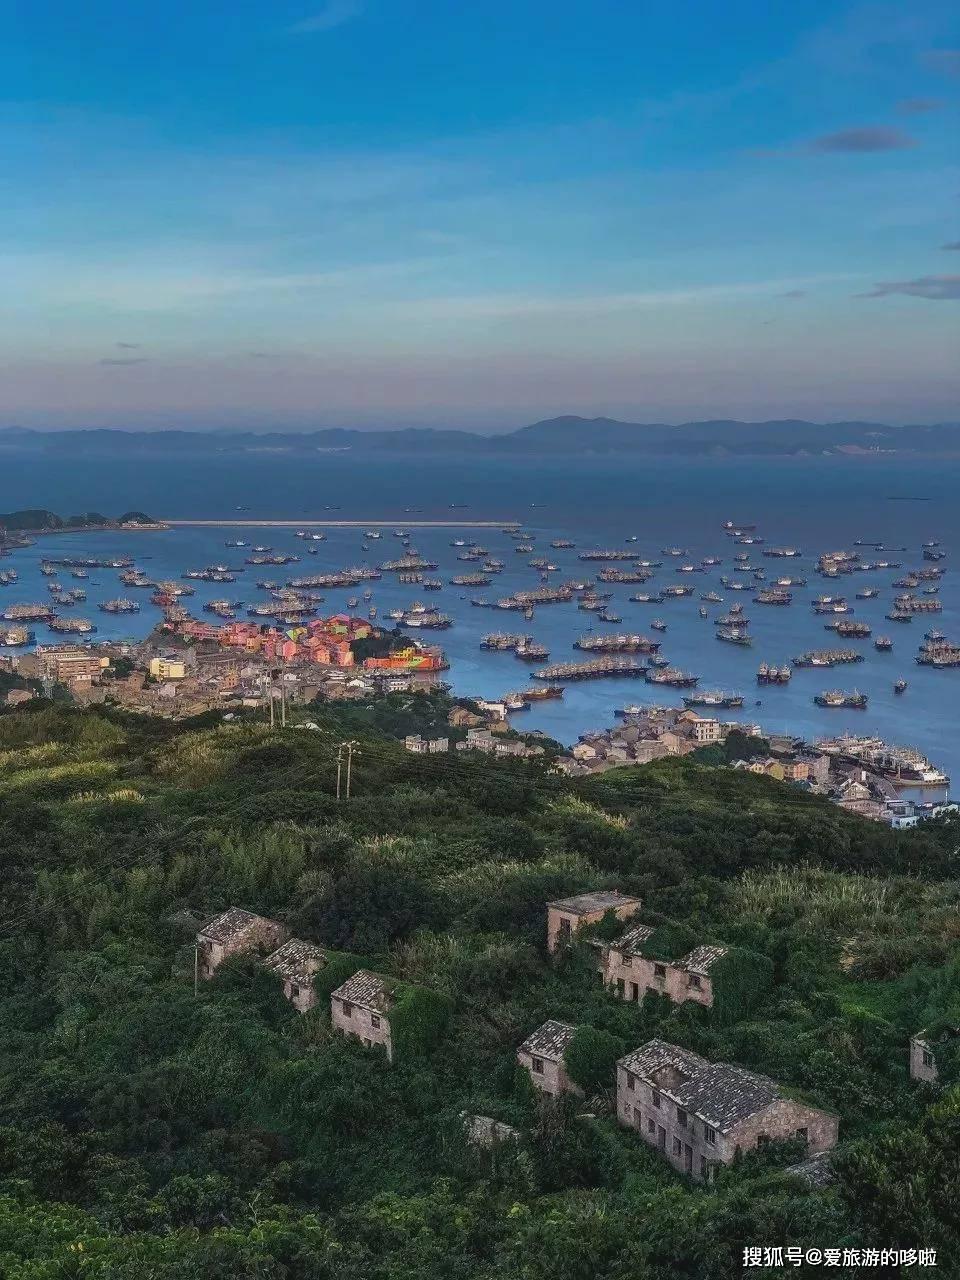 中国居然有这样的小镇!